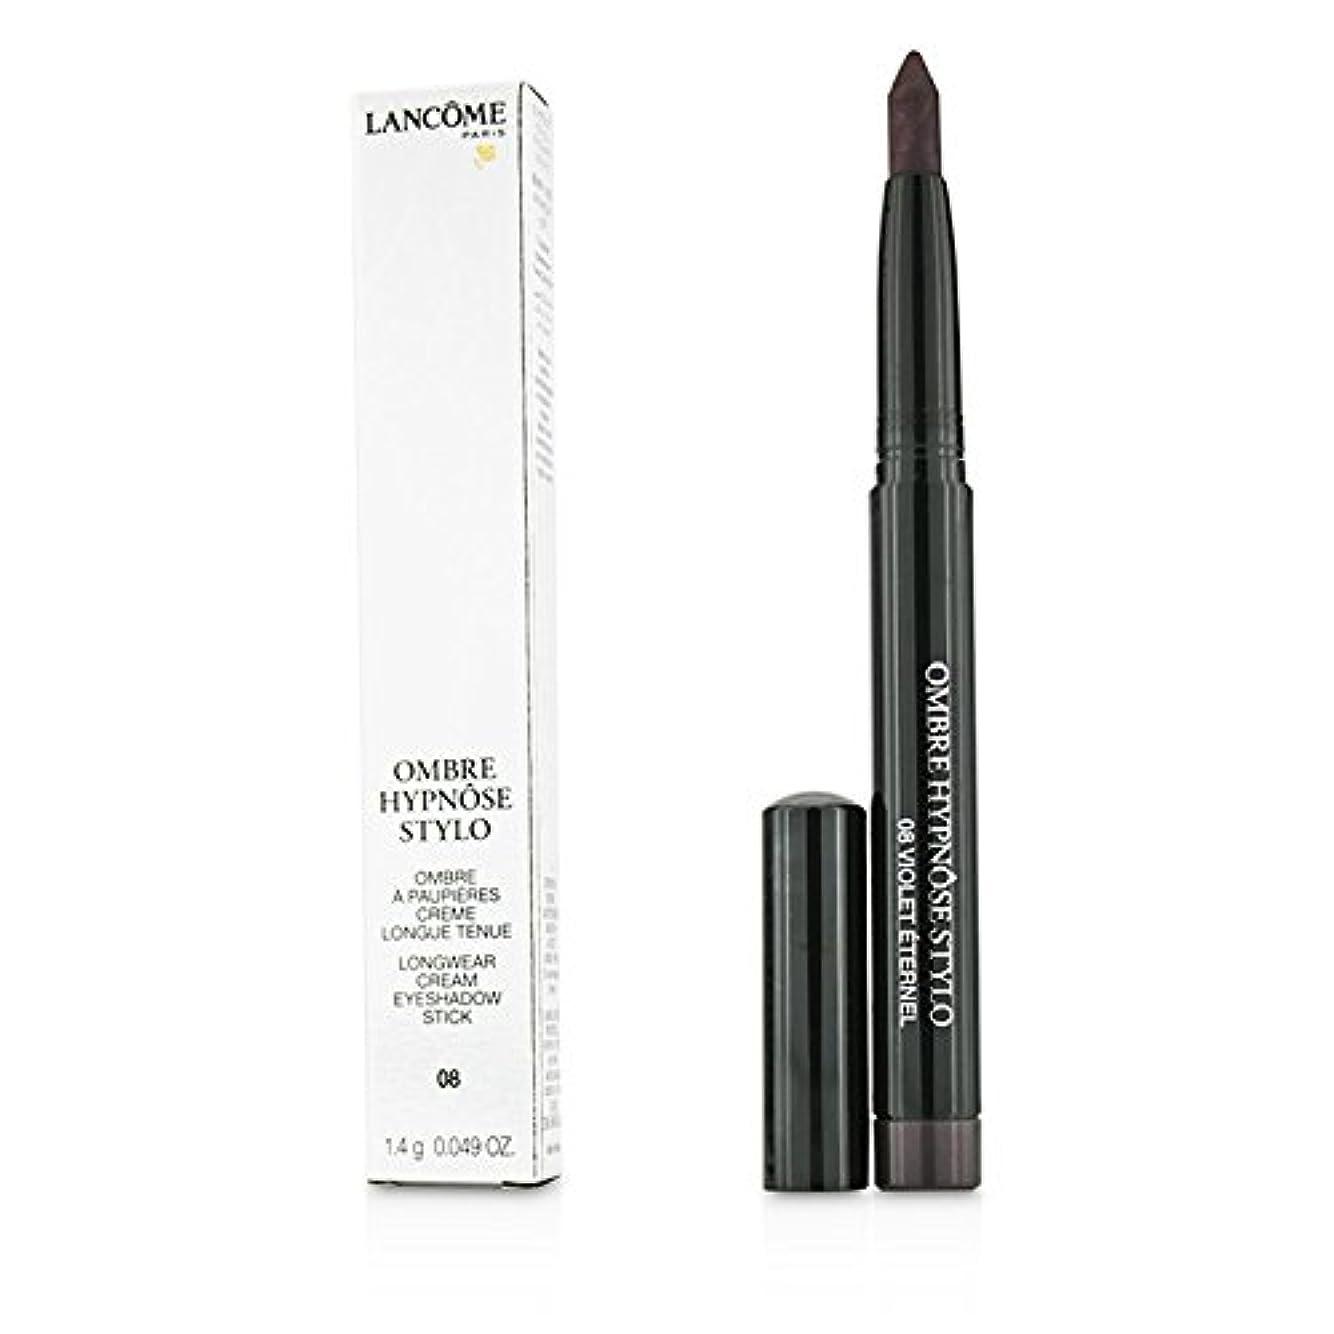 カートリッジ情熱雄弁なランコム Ombre Hypnose Stylo Longwear Cream Eyeshadow Stick - # 08 Violet Eternel 1.4g/0.049oz並行輸入品